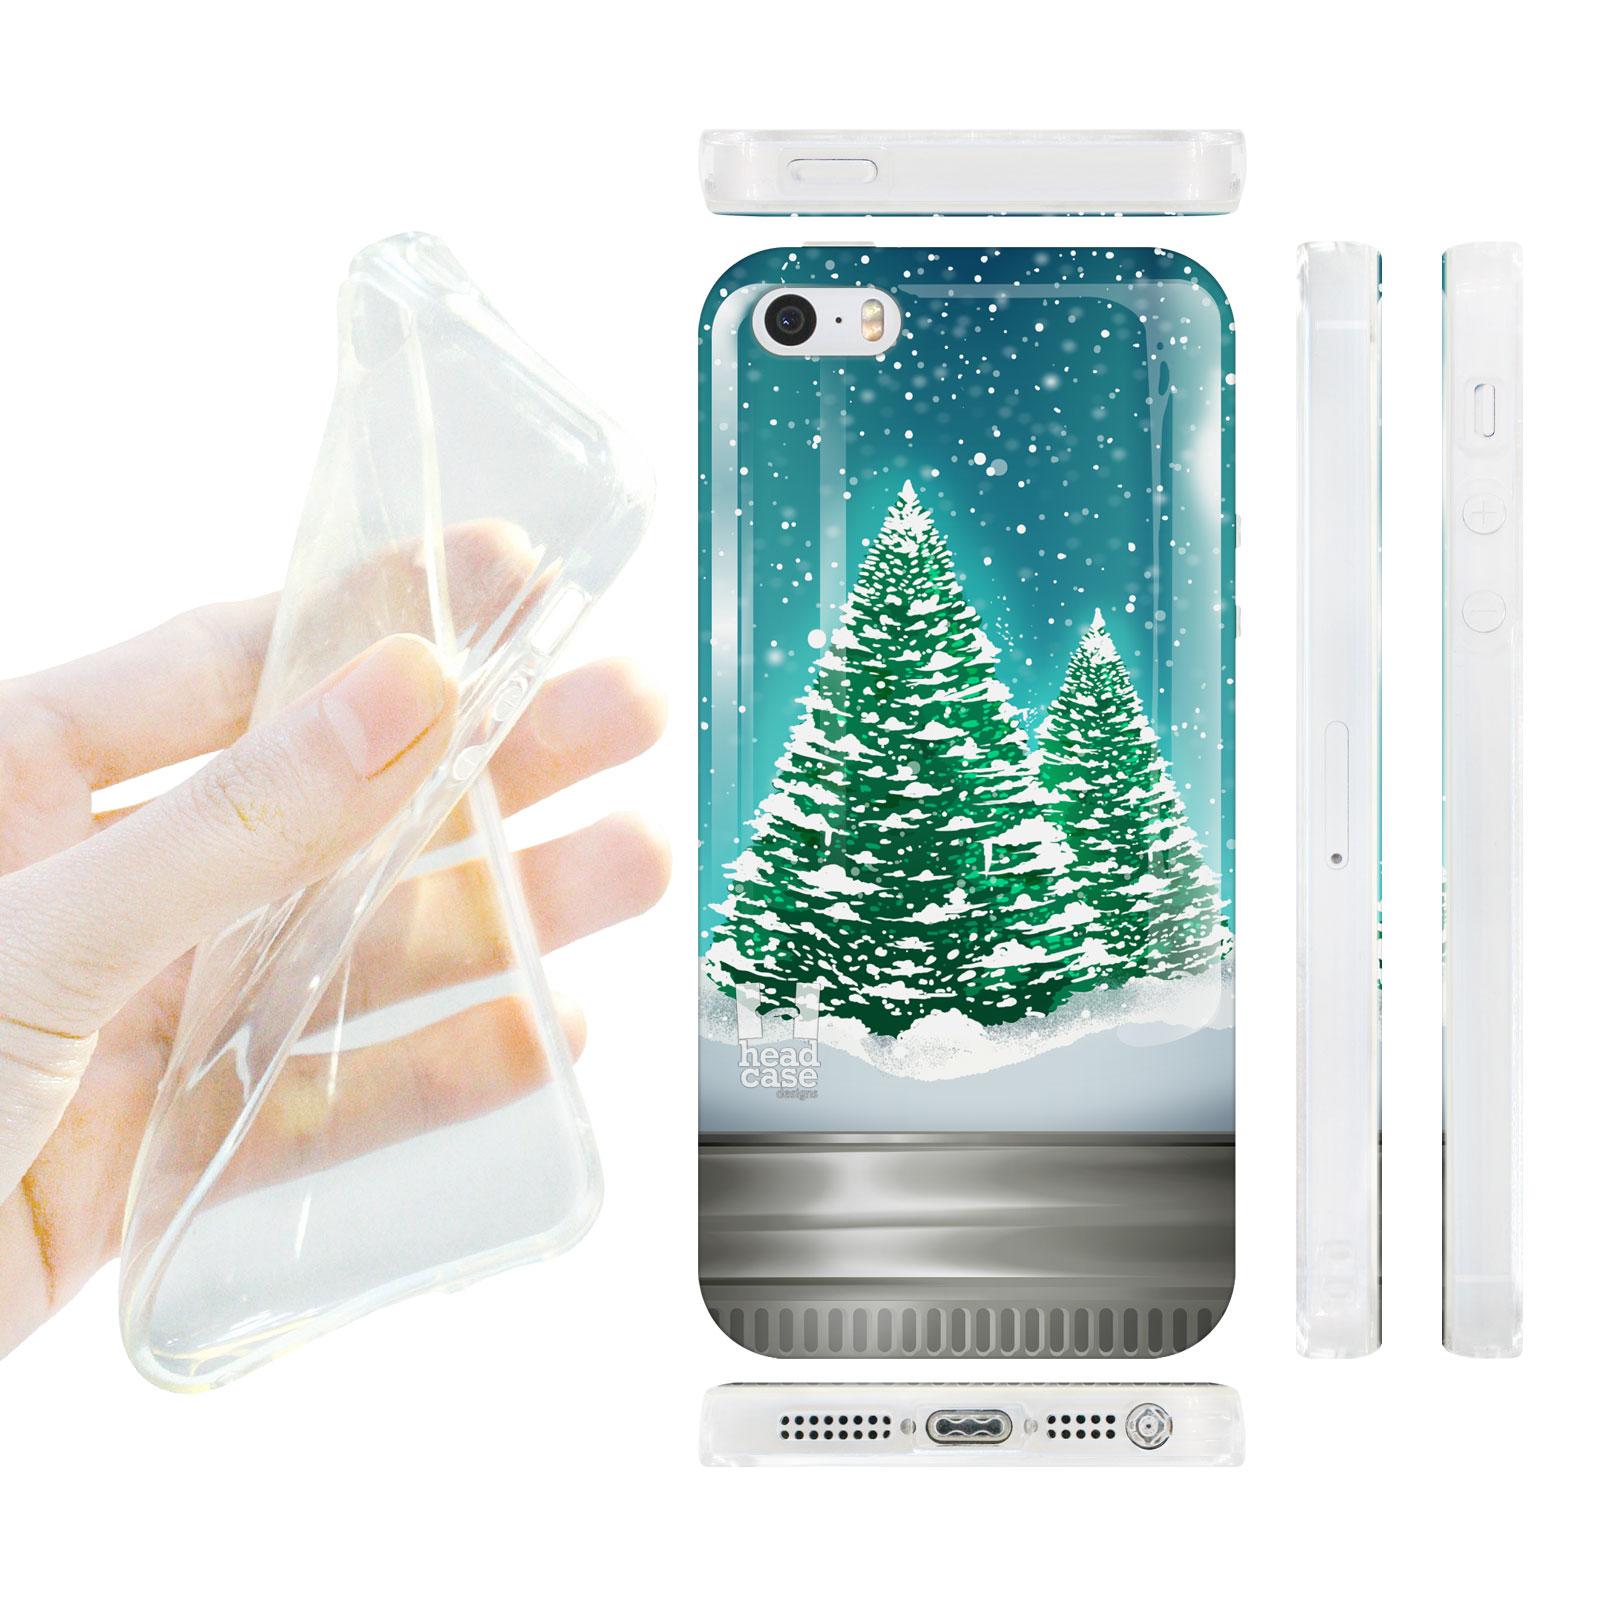 HEAD CASE silikonový obal na mobil Iphone 5/5S vánoční stromeček sníh zelená a modrá